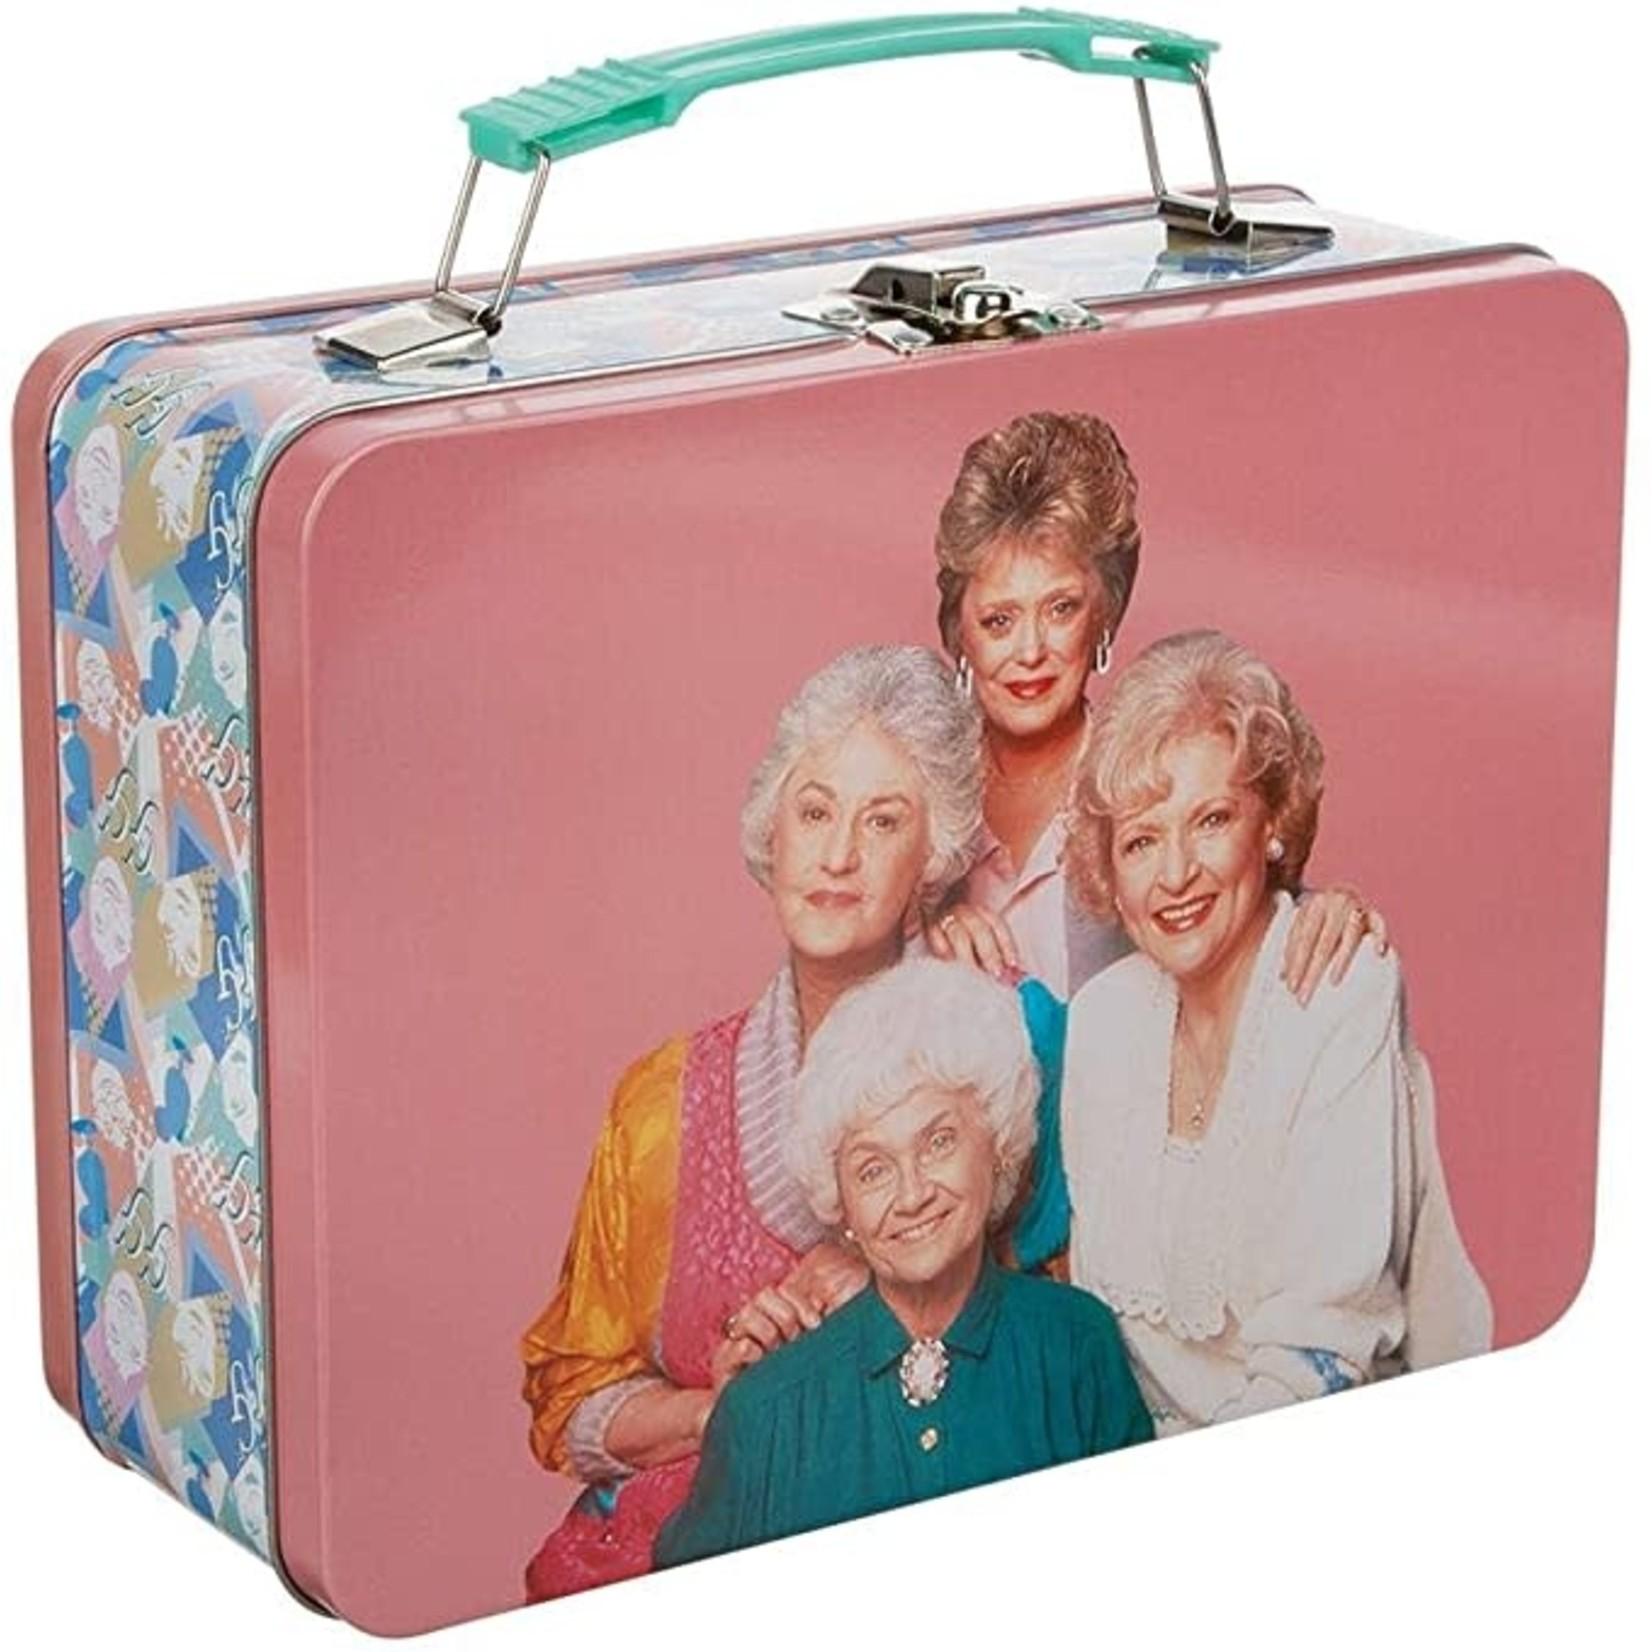 Lunch Box - Golden Girls